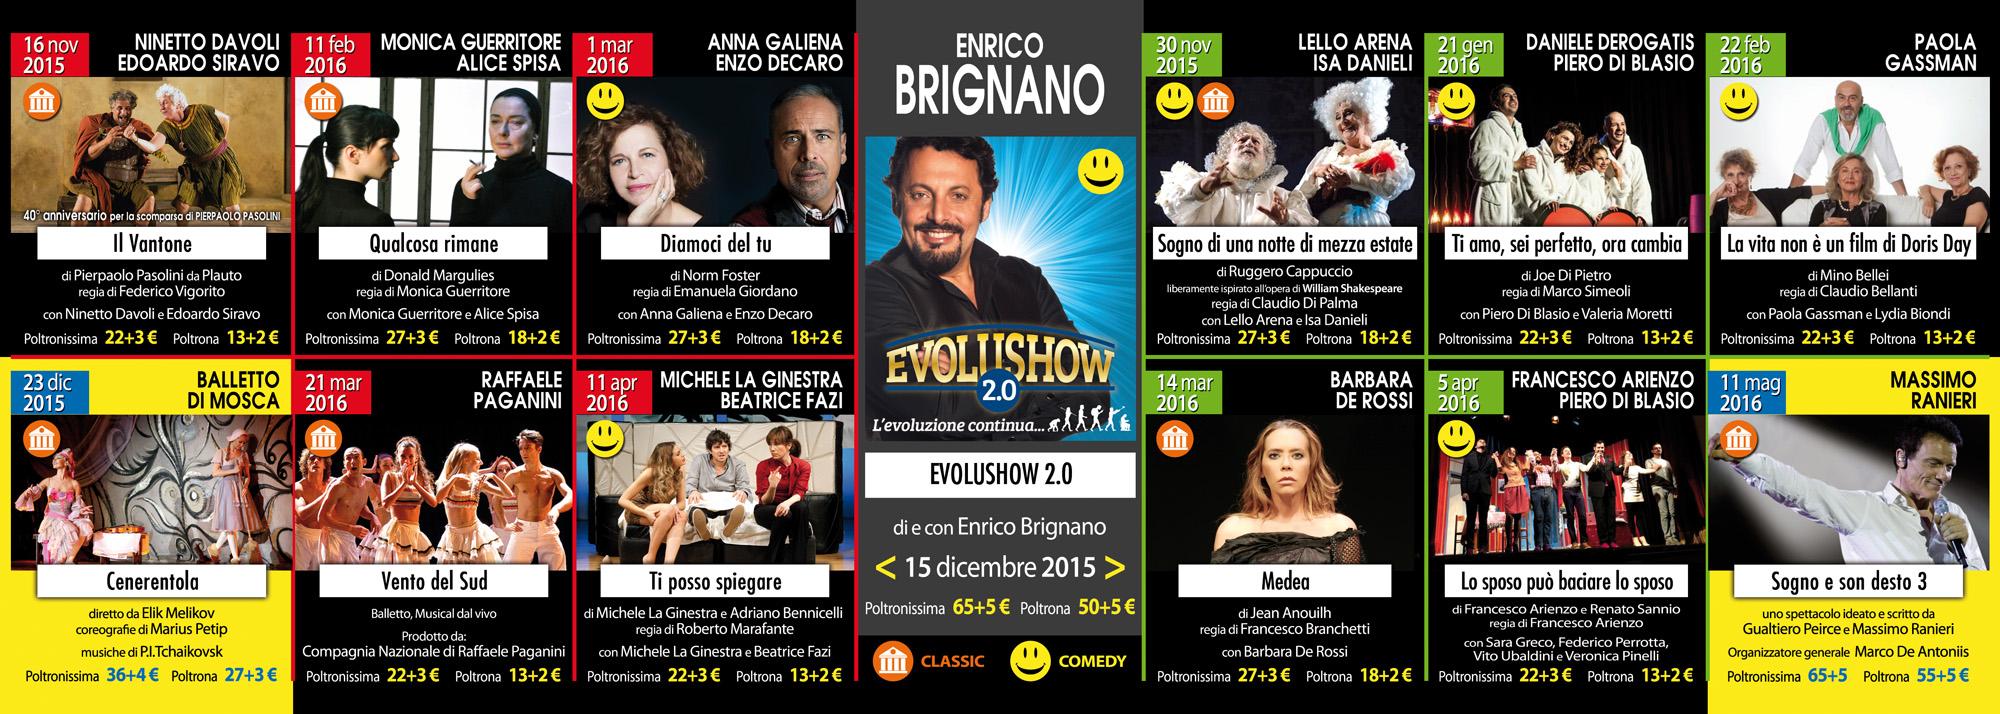 Cartellone_Teatro Manzoni 2015 2016 di Cassino_2